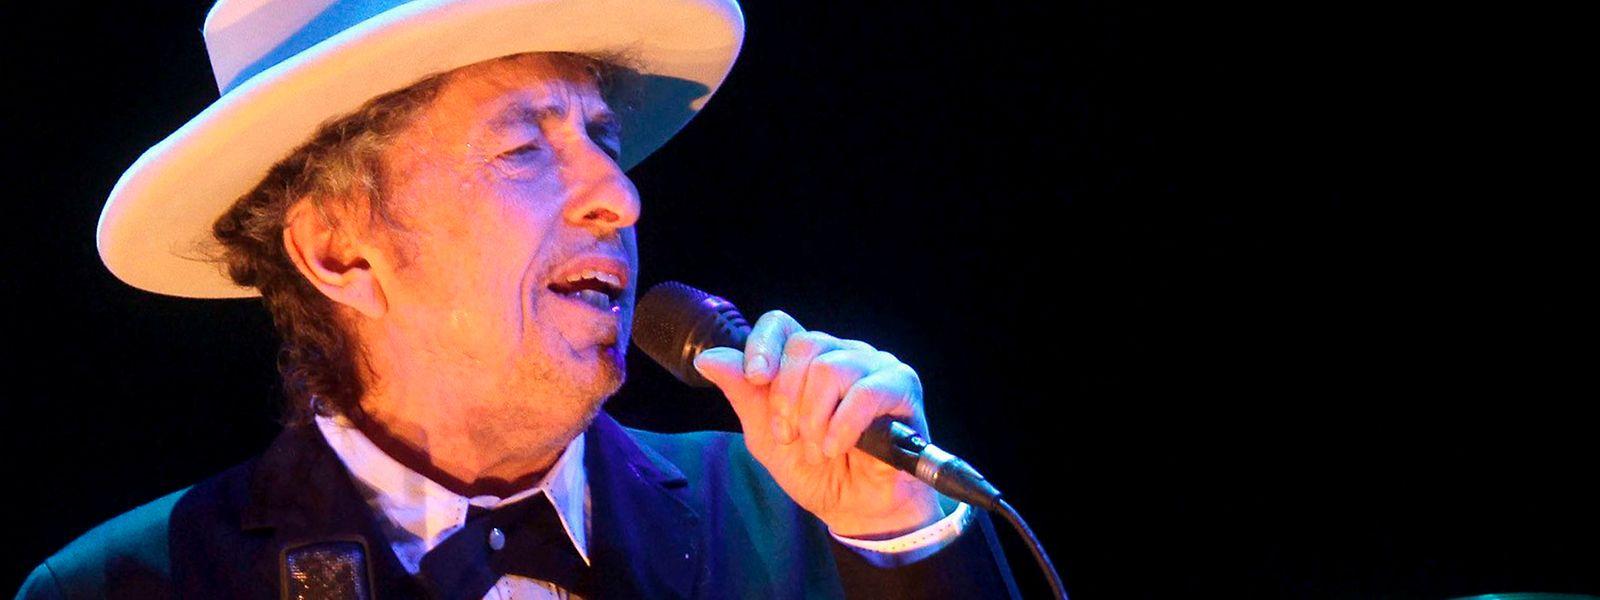 Bob Dylan, US-amerikanischer Singer-Songwriter, während eines Konzerts am 14. Juli 2012 in Spanien.